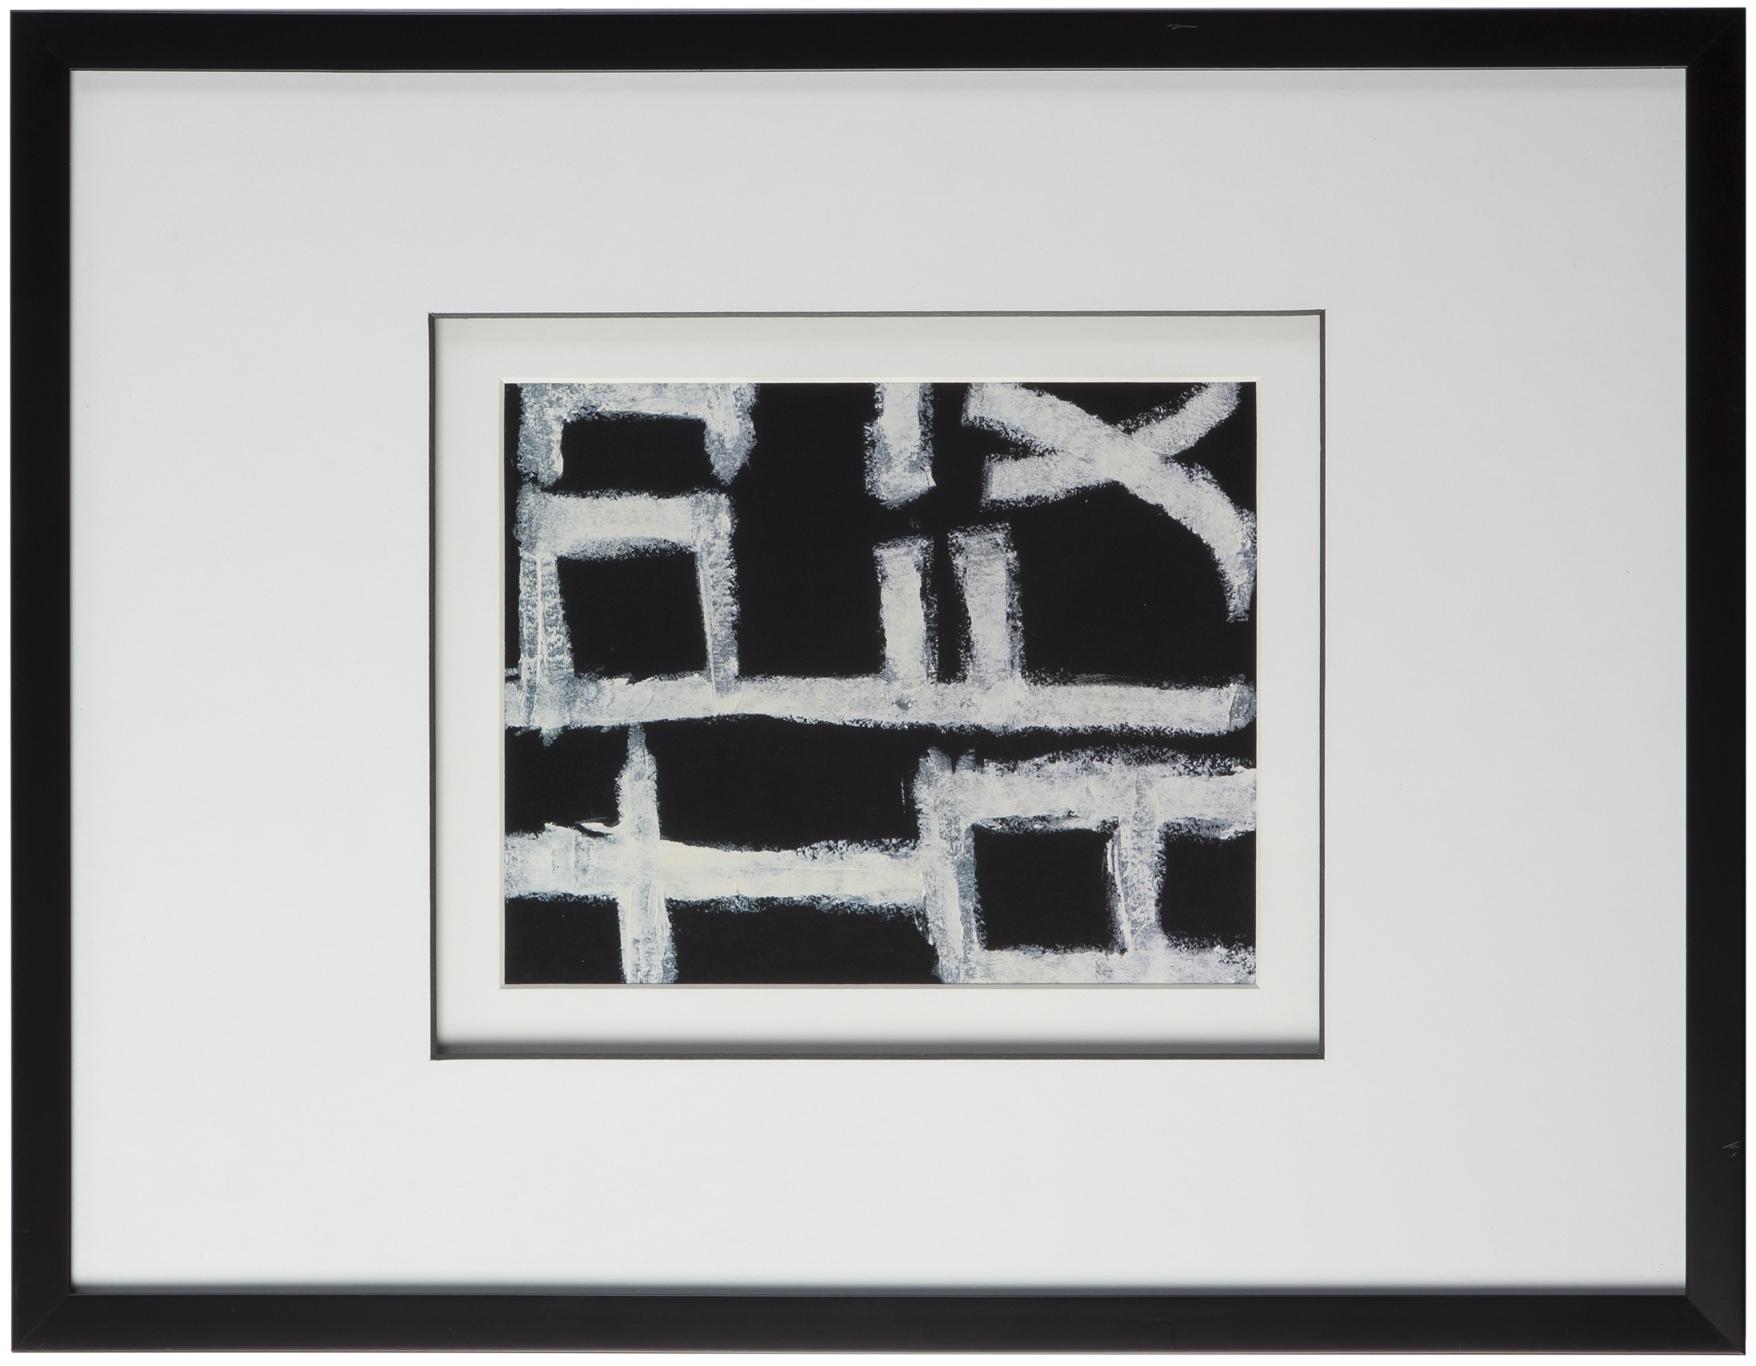 Постер с паспарту в рамеПостеры<br>Постер с белыми иероглифами на черном фоне выглядит элегантно и загадочно. Он украсит собой современный интерьер, став его изюминкой. Высококачественный настенный декор в деревянной раме, оформленный строго и сдержанно, идеально впишется в рабочий кабинет, холл или гостиную.&amp;amp;nbsp;&amp;lt;div&amp;gt;&amp;lt;br&amp;gt;&amp;lt;/div&amp;gt;&amp;lt;div&amp;gt;Рама - дерево.&amp;lt;/div&amp;gt;<br><br>Material: Бумага<br>Width см: 44<br>Depth см: 3<br>Height см: 57